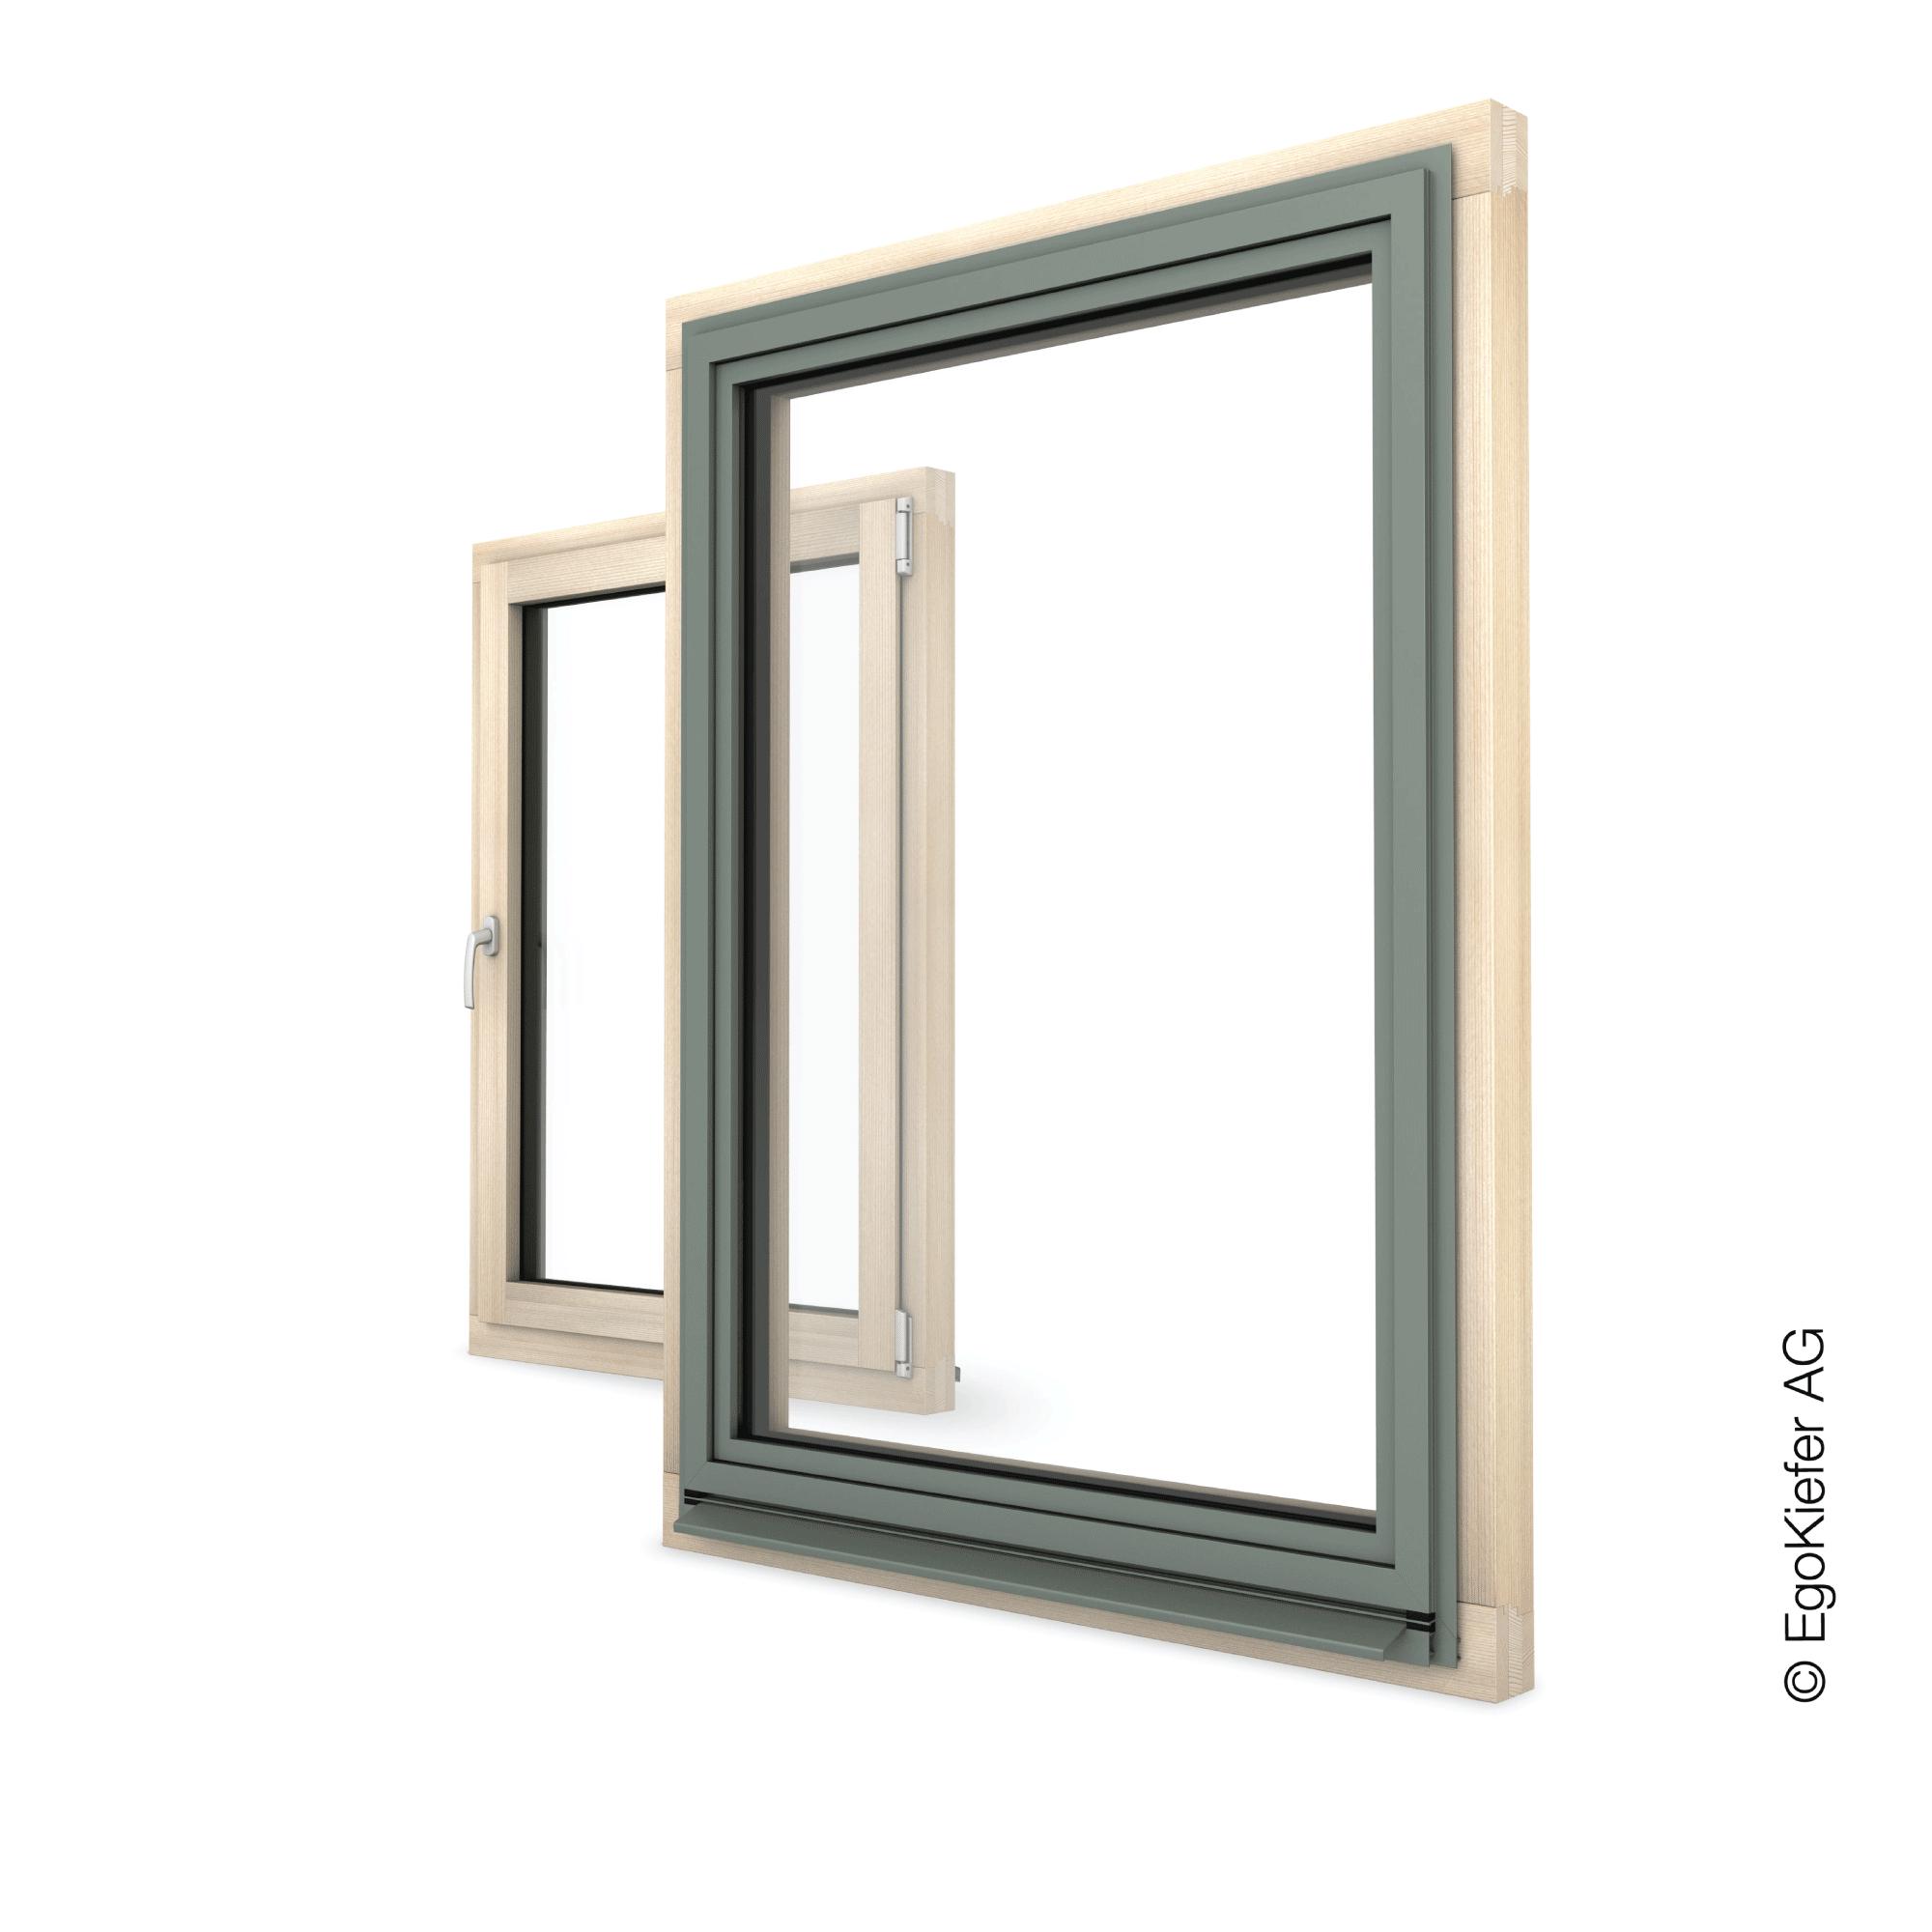 WEB1 Holz Aluminium Fenster EgoAllstar Zeichenfläche 1